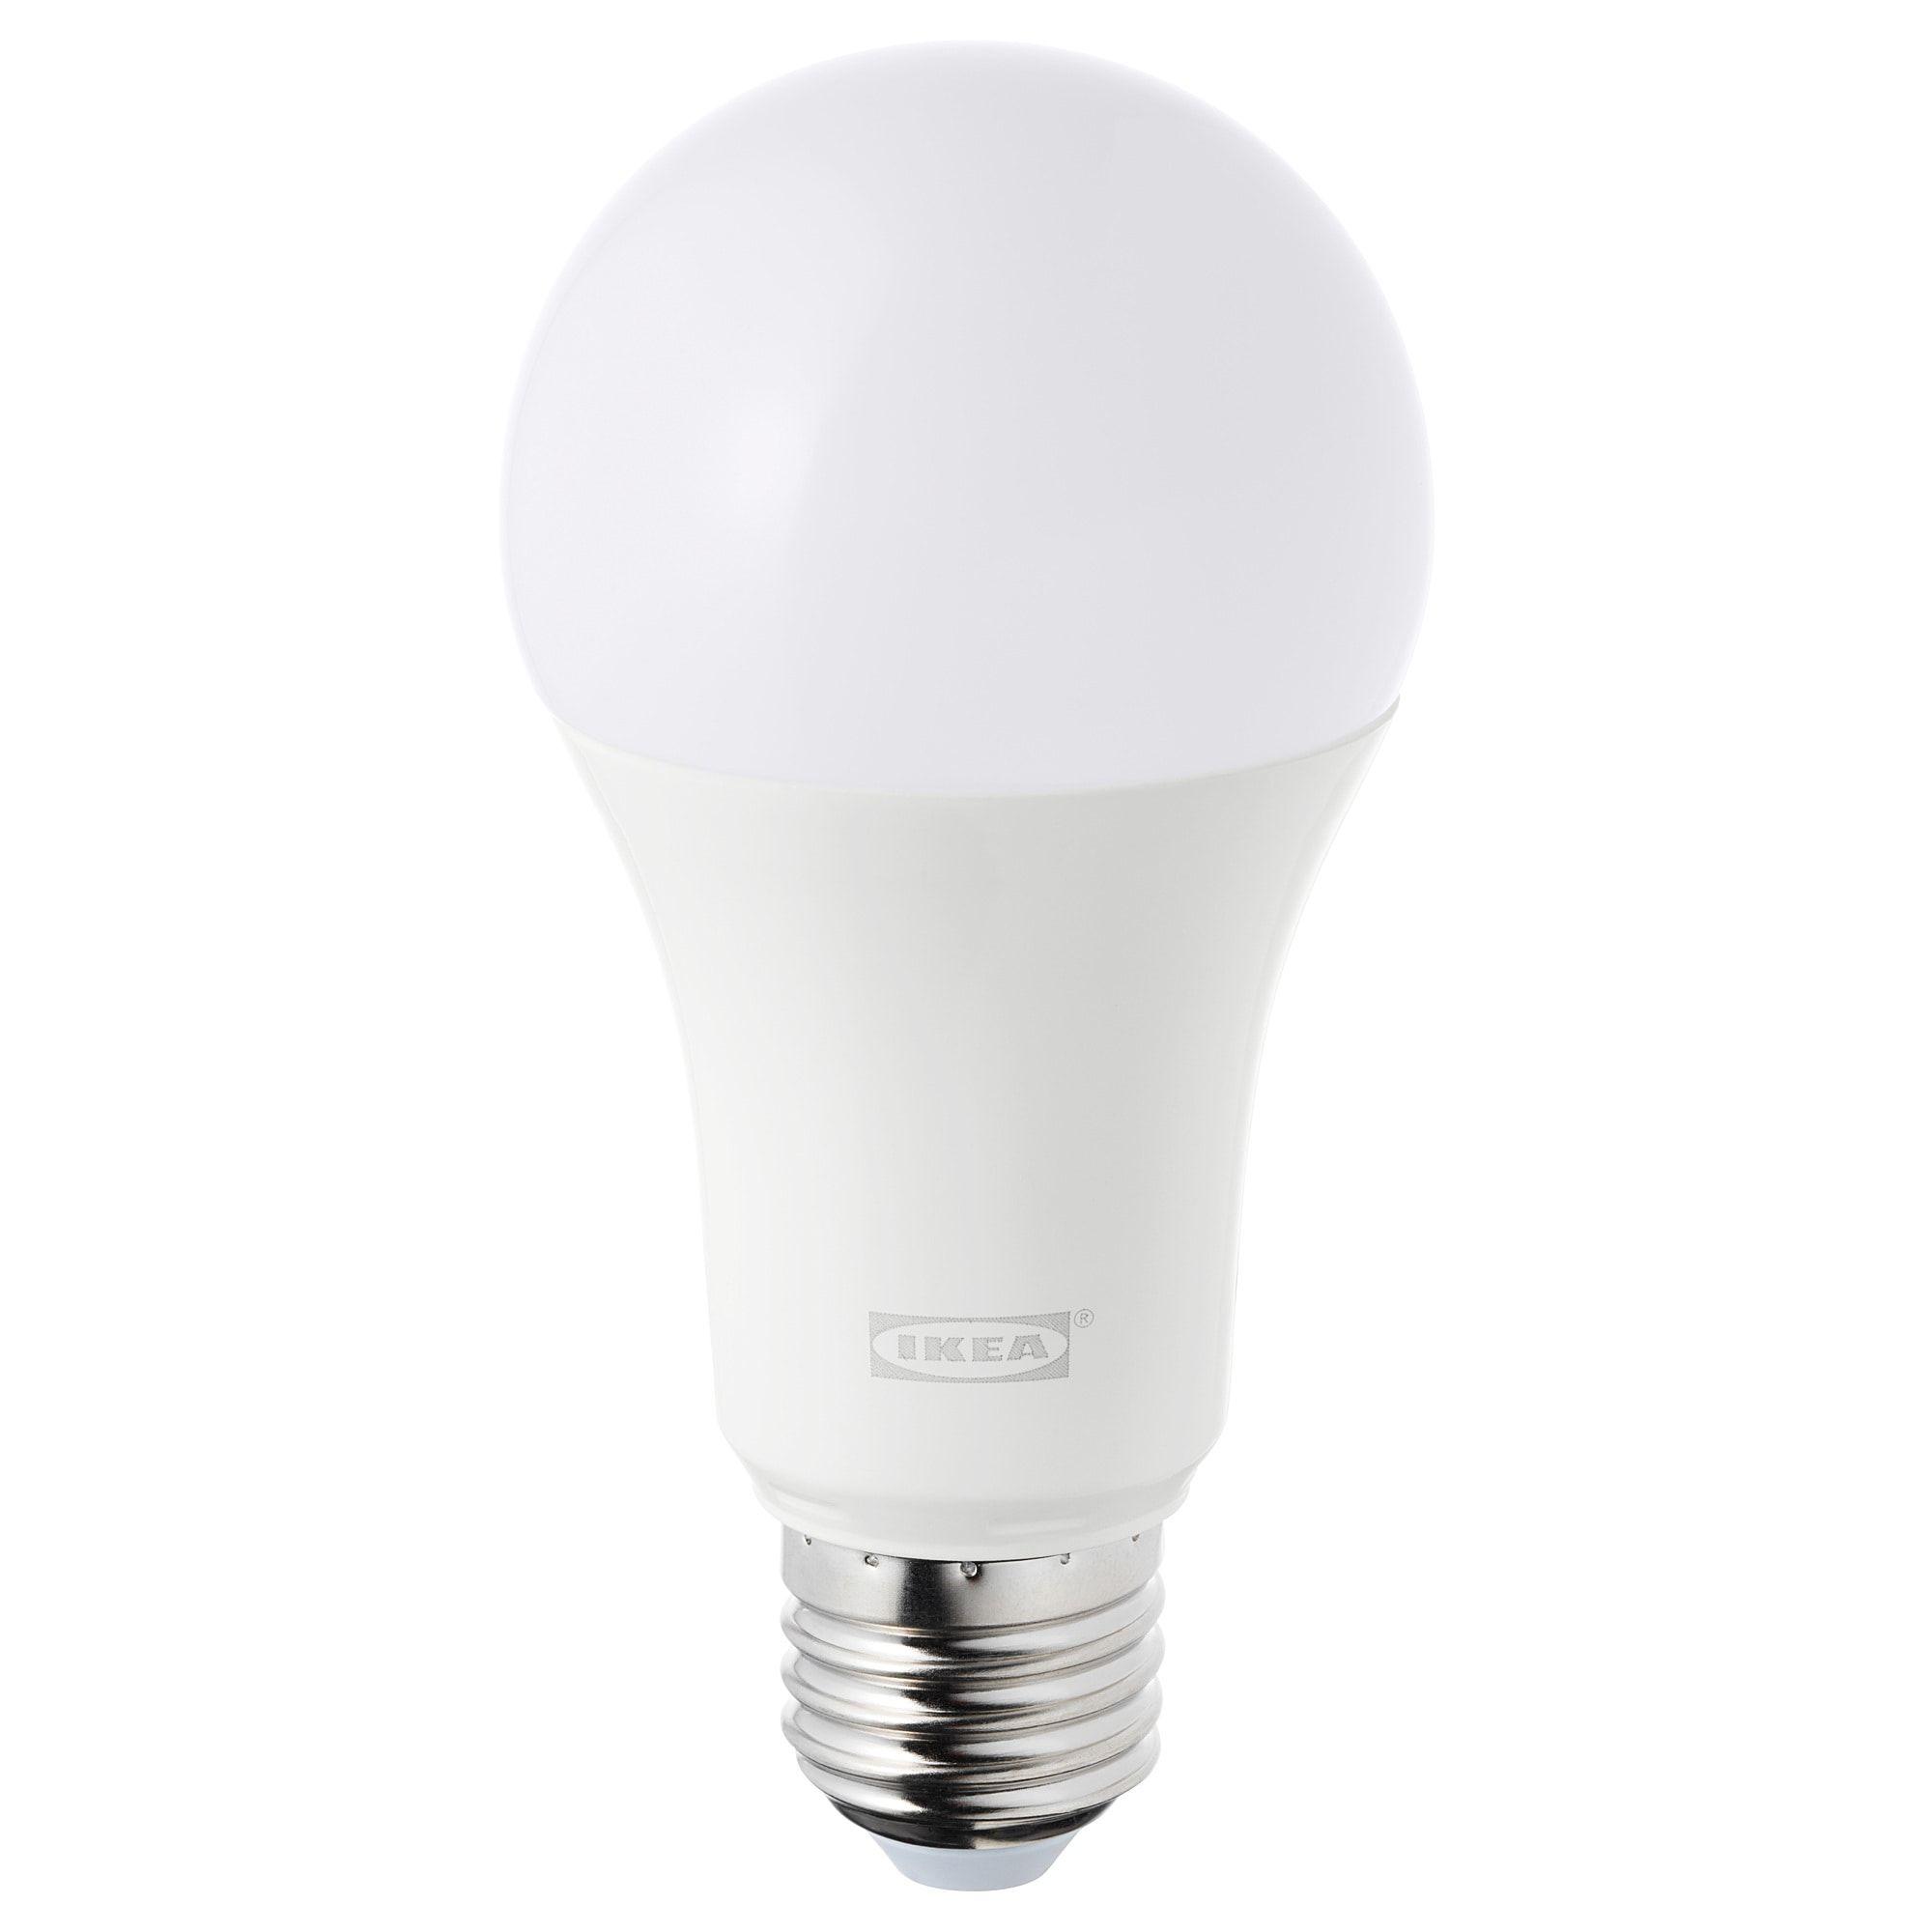 Led Leuchtmittel E27 980 Lm Tradfri Kabellos Dimmbar Weissspektrum Opalweiss Led Leuchtmittel Leuchtmittel E27 Und Ikea Led